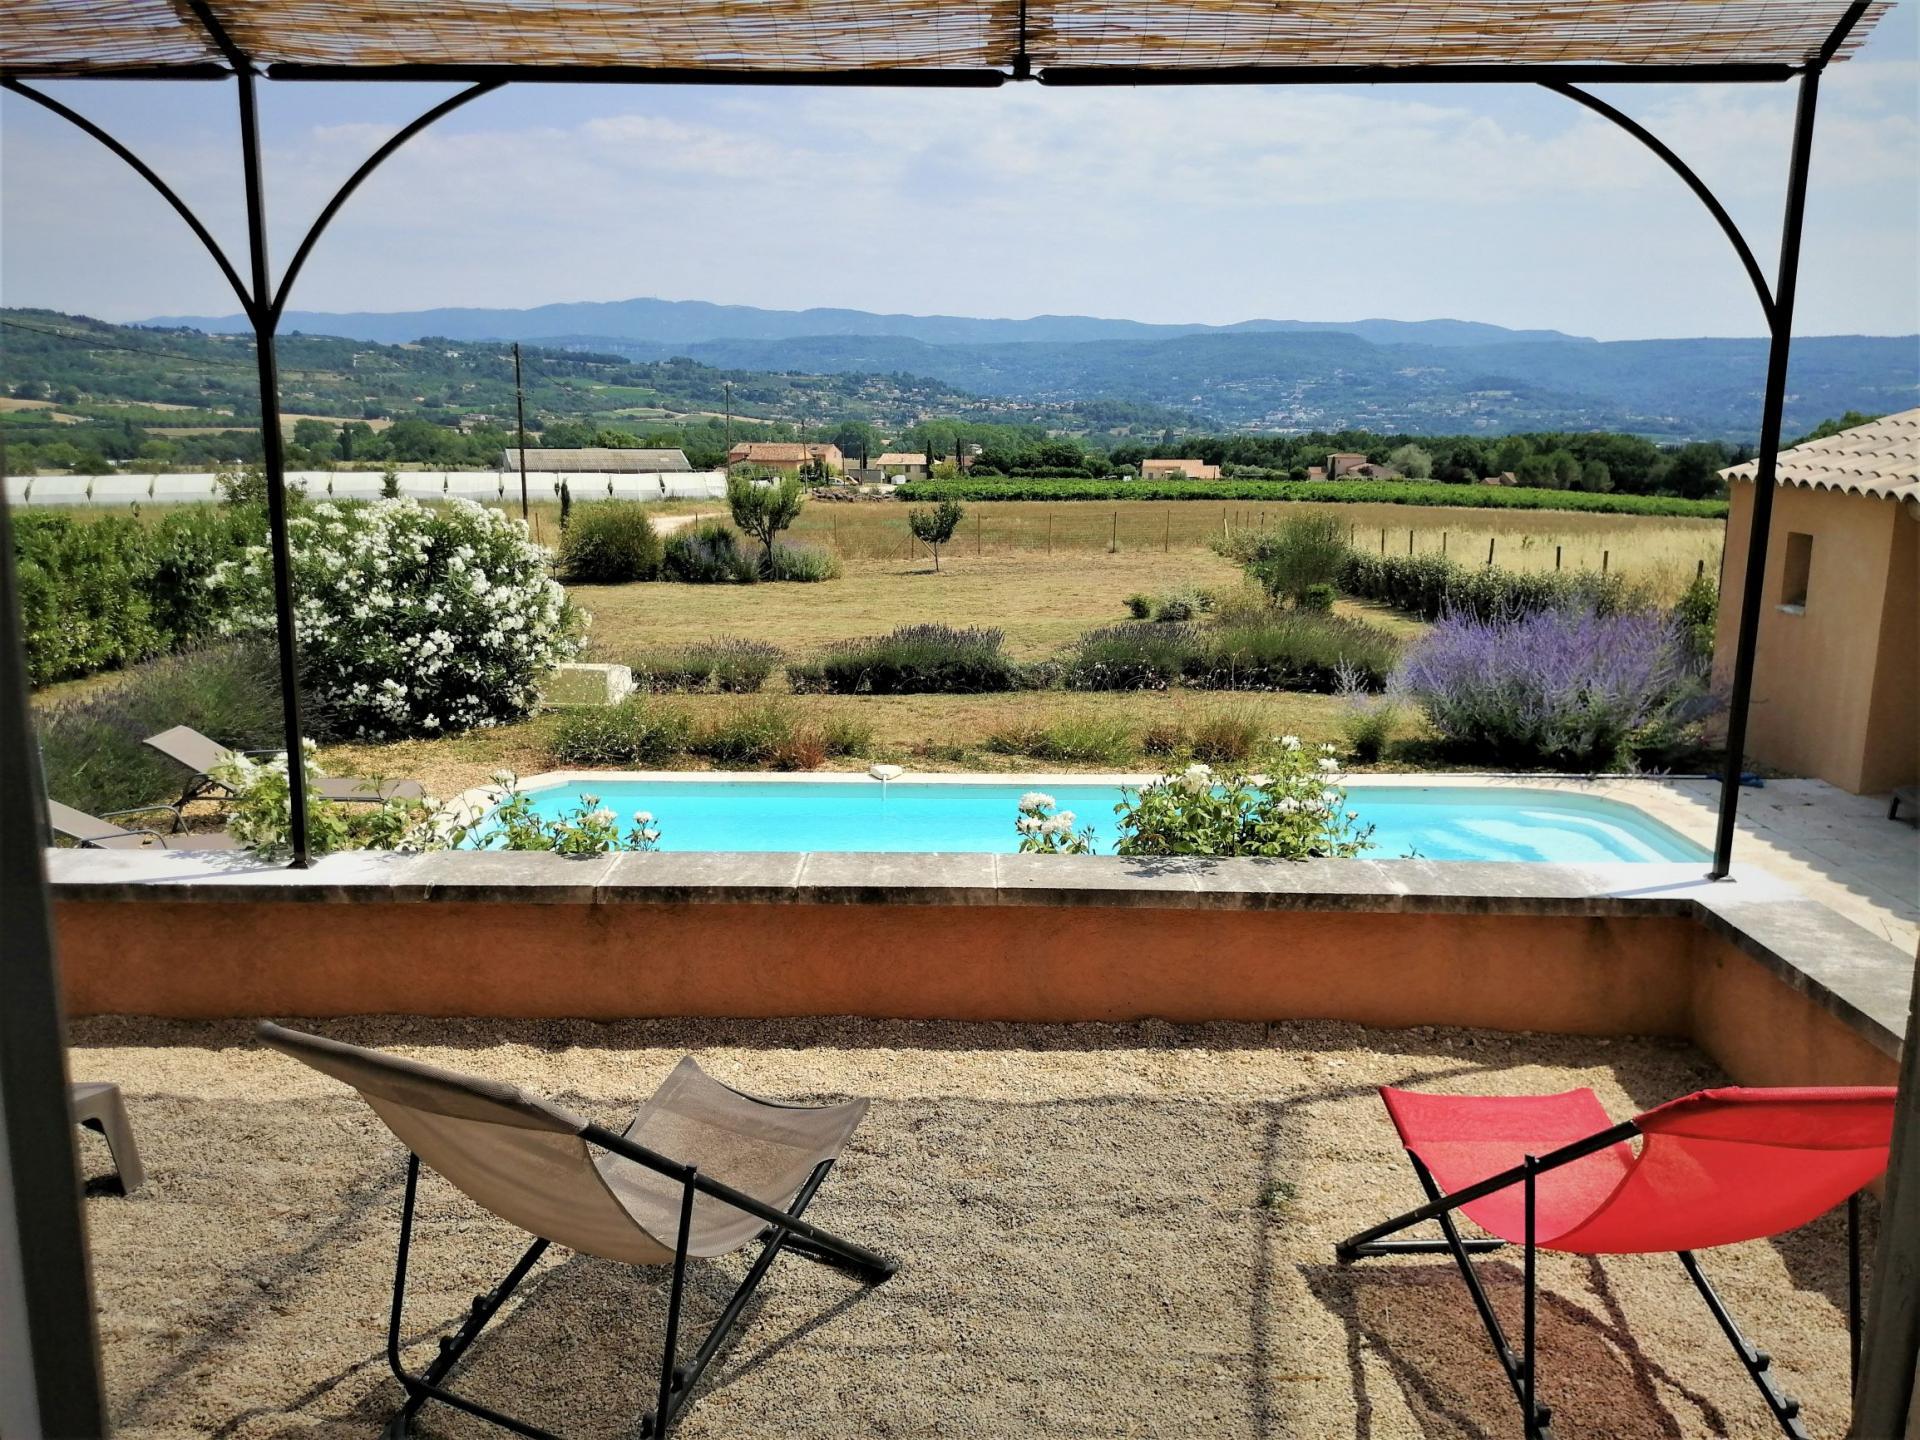 vue de la terrasse avec pergola